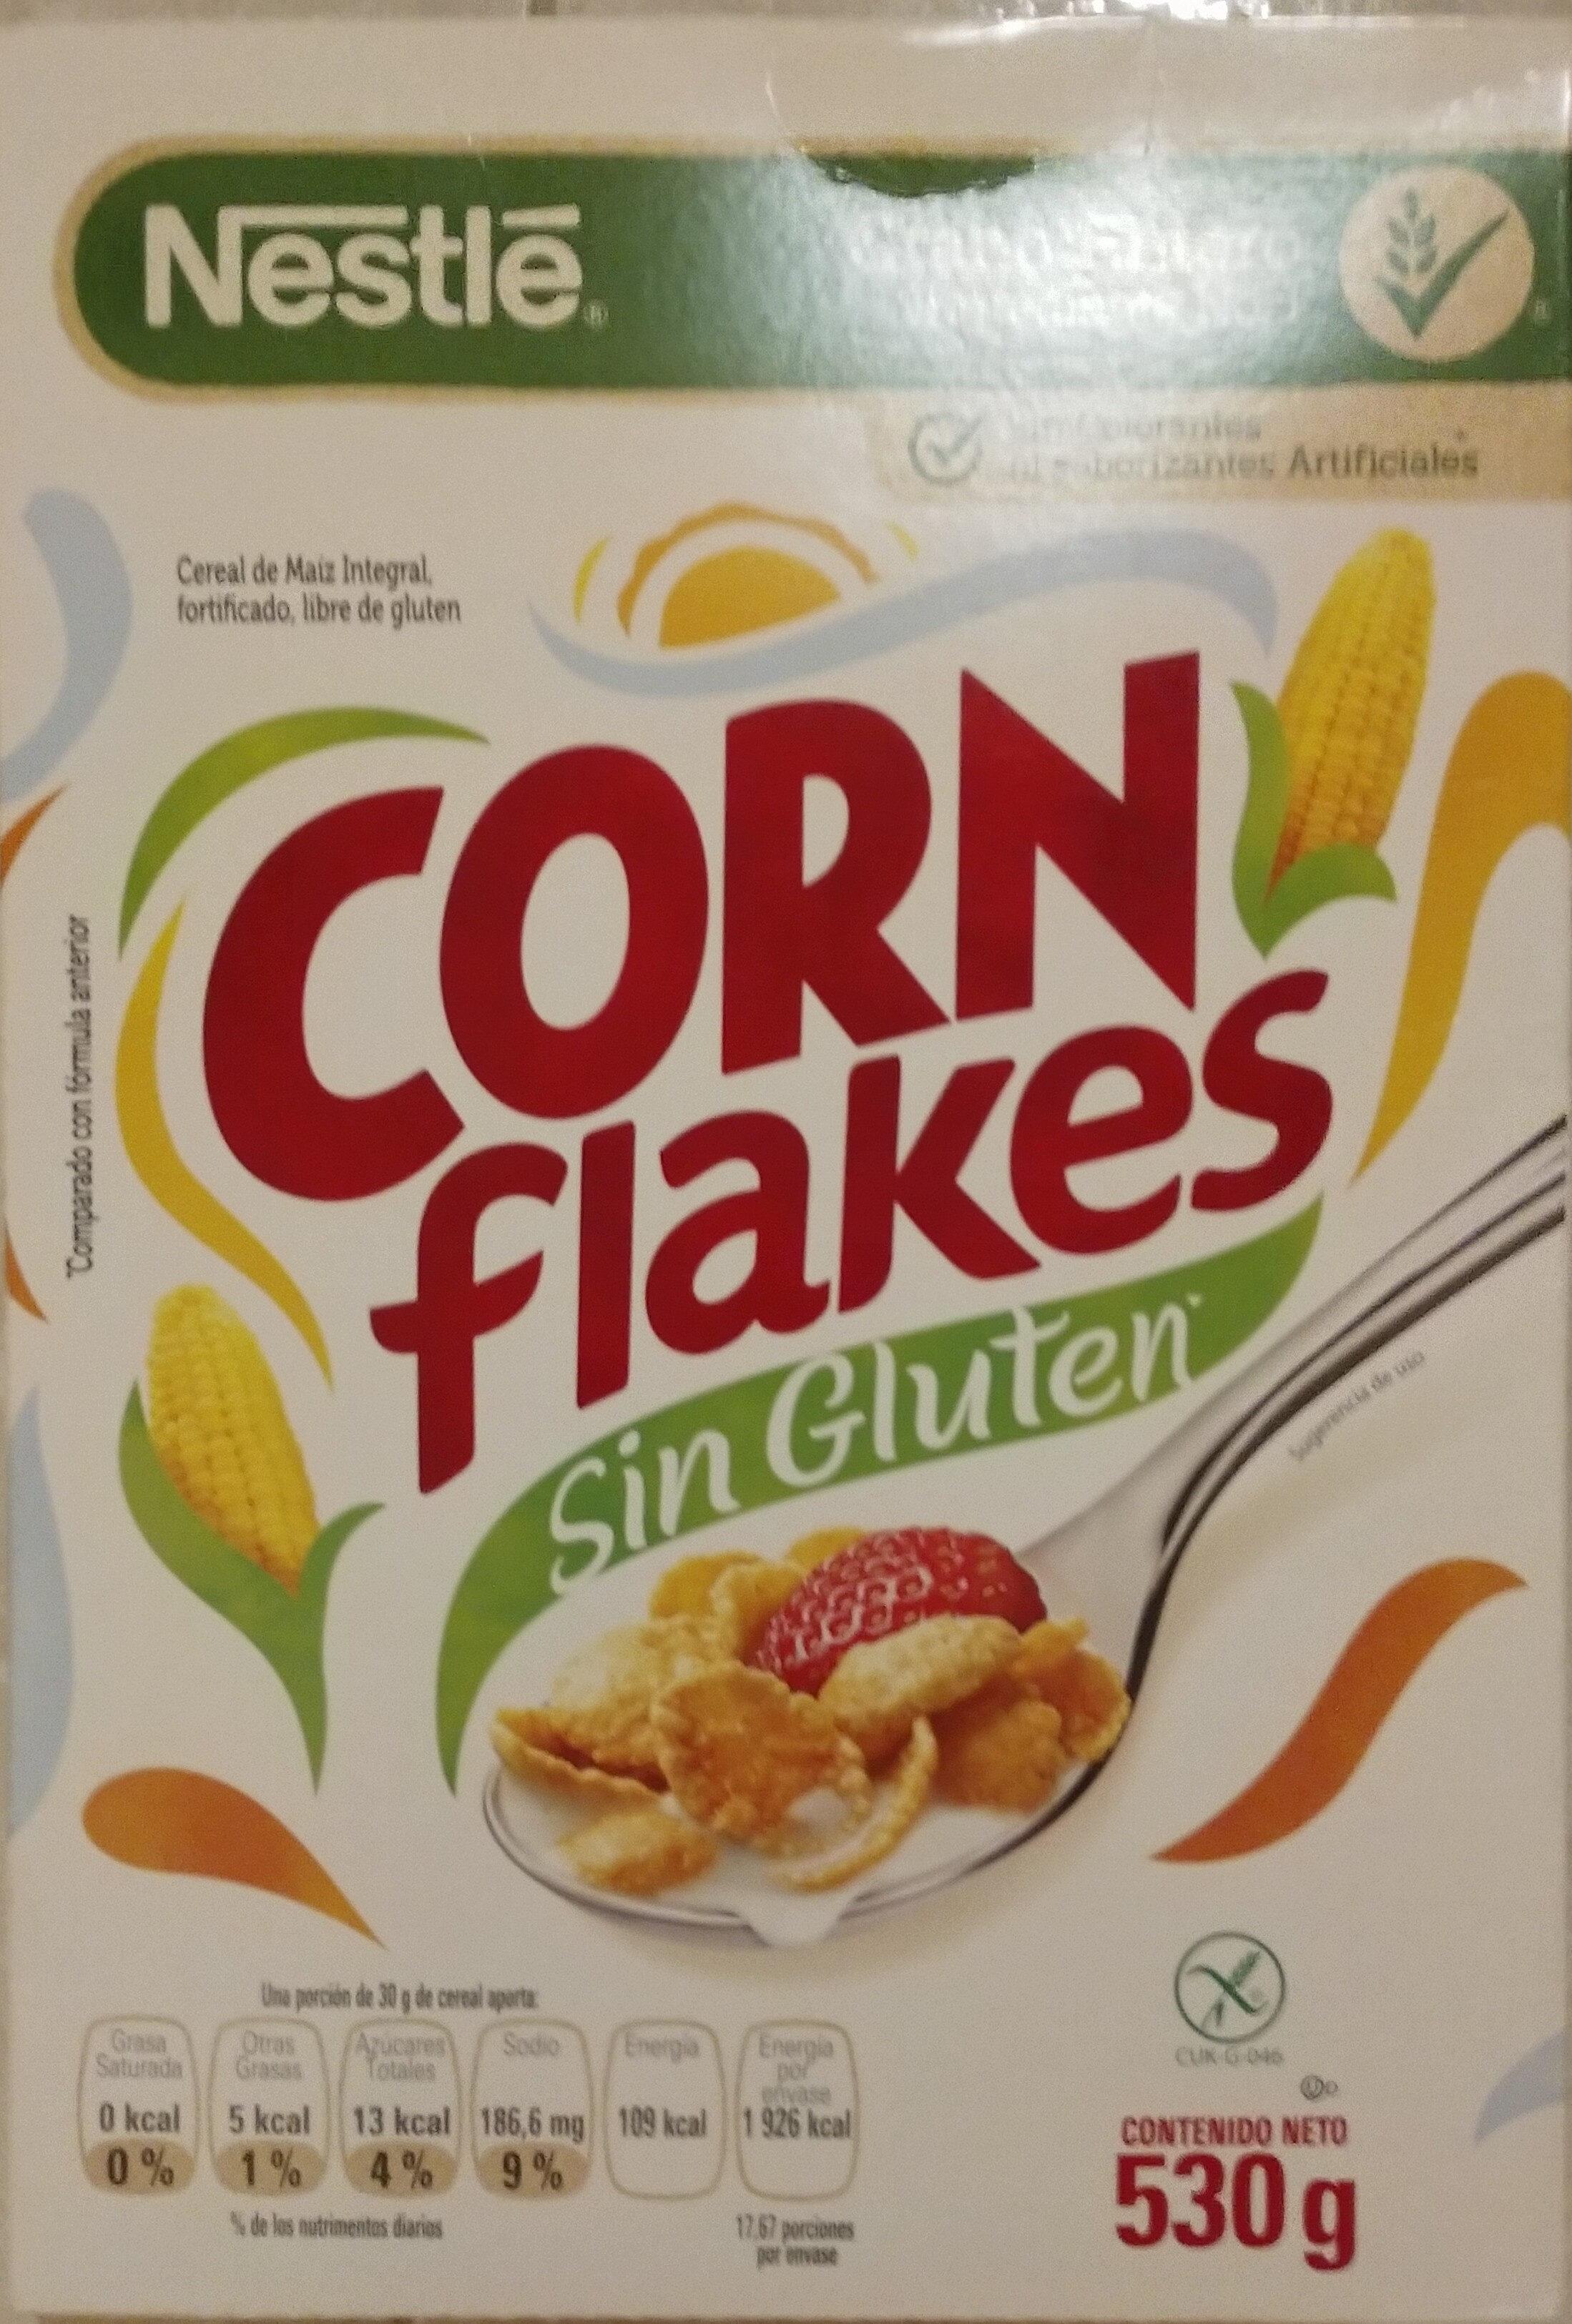 Corn flakes - Producto - es